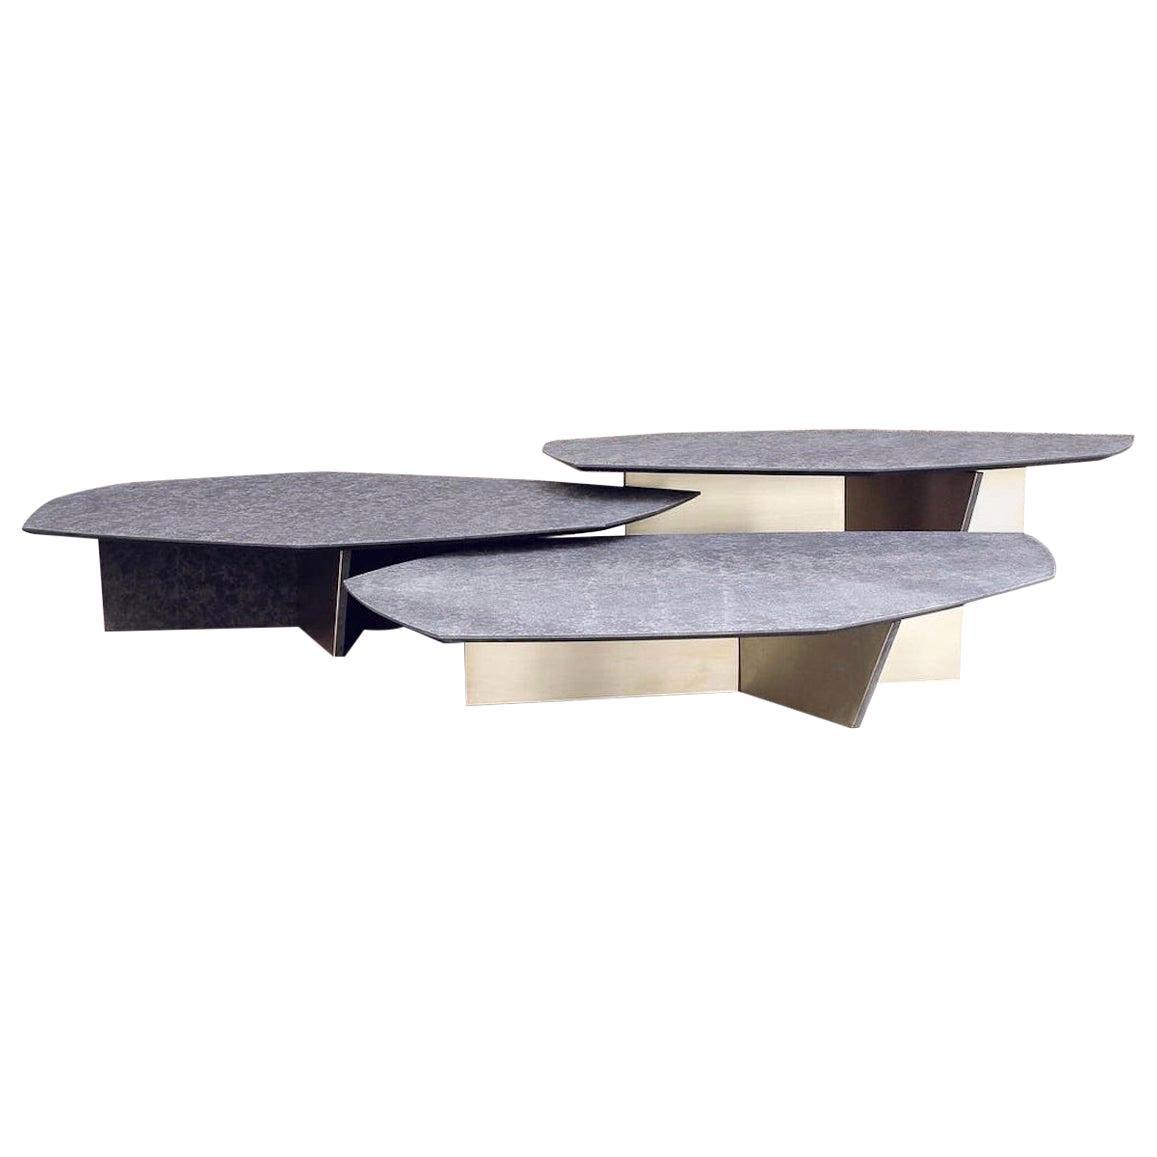 Geometrik Coffee Table Set, Satin Brass and Granite by Atra